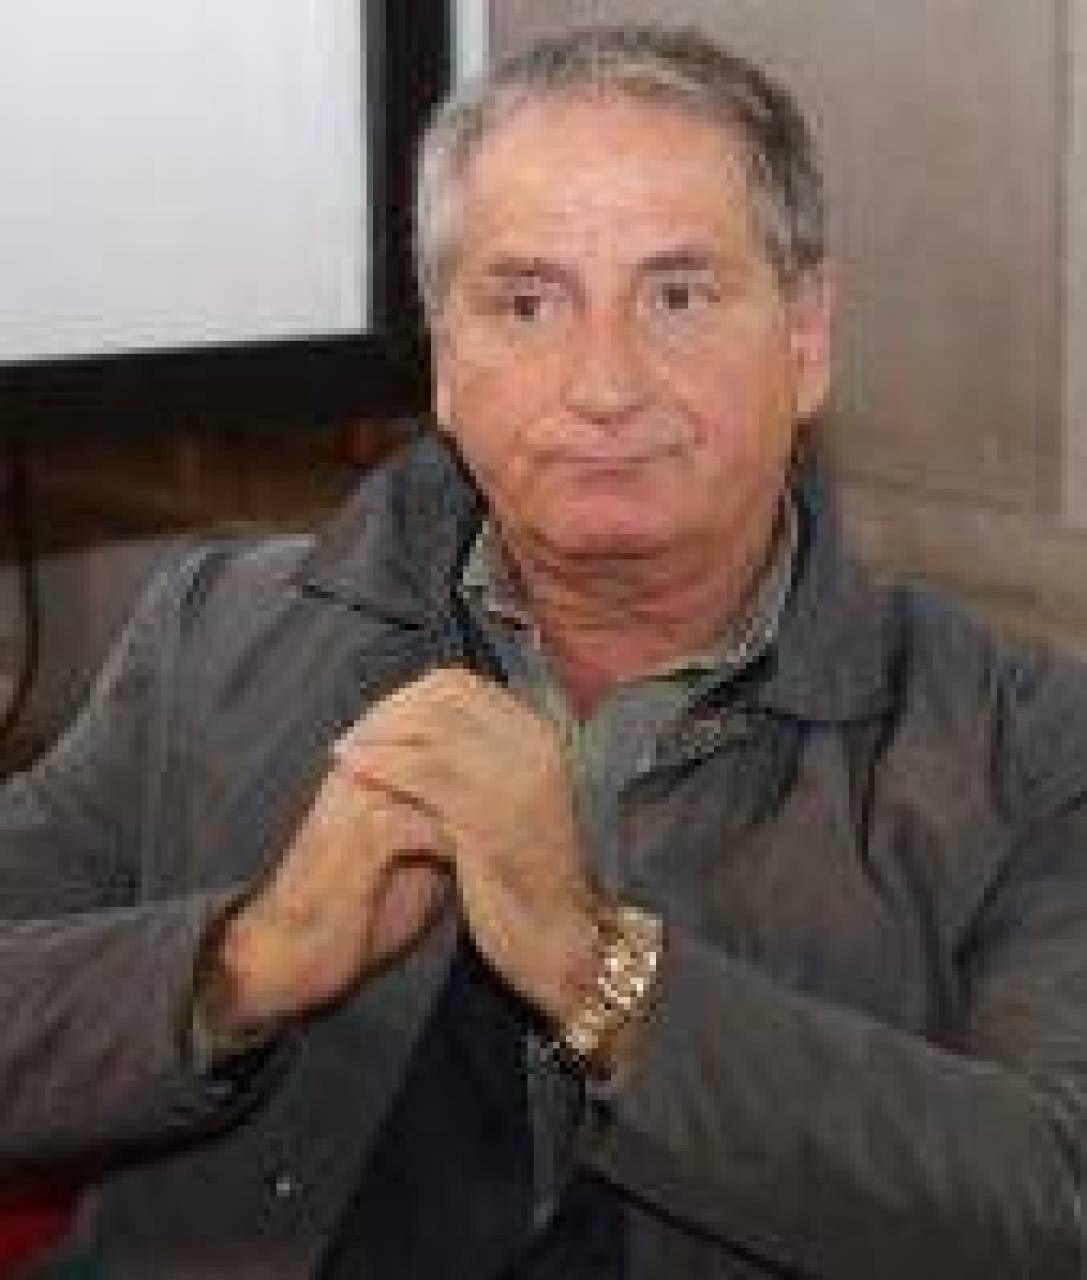 Il presidente della Provincia, Giampiero Lattanzi, ha adottato provvedimenti per la Baschi-Todi